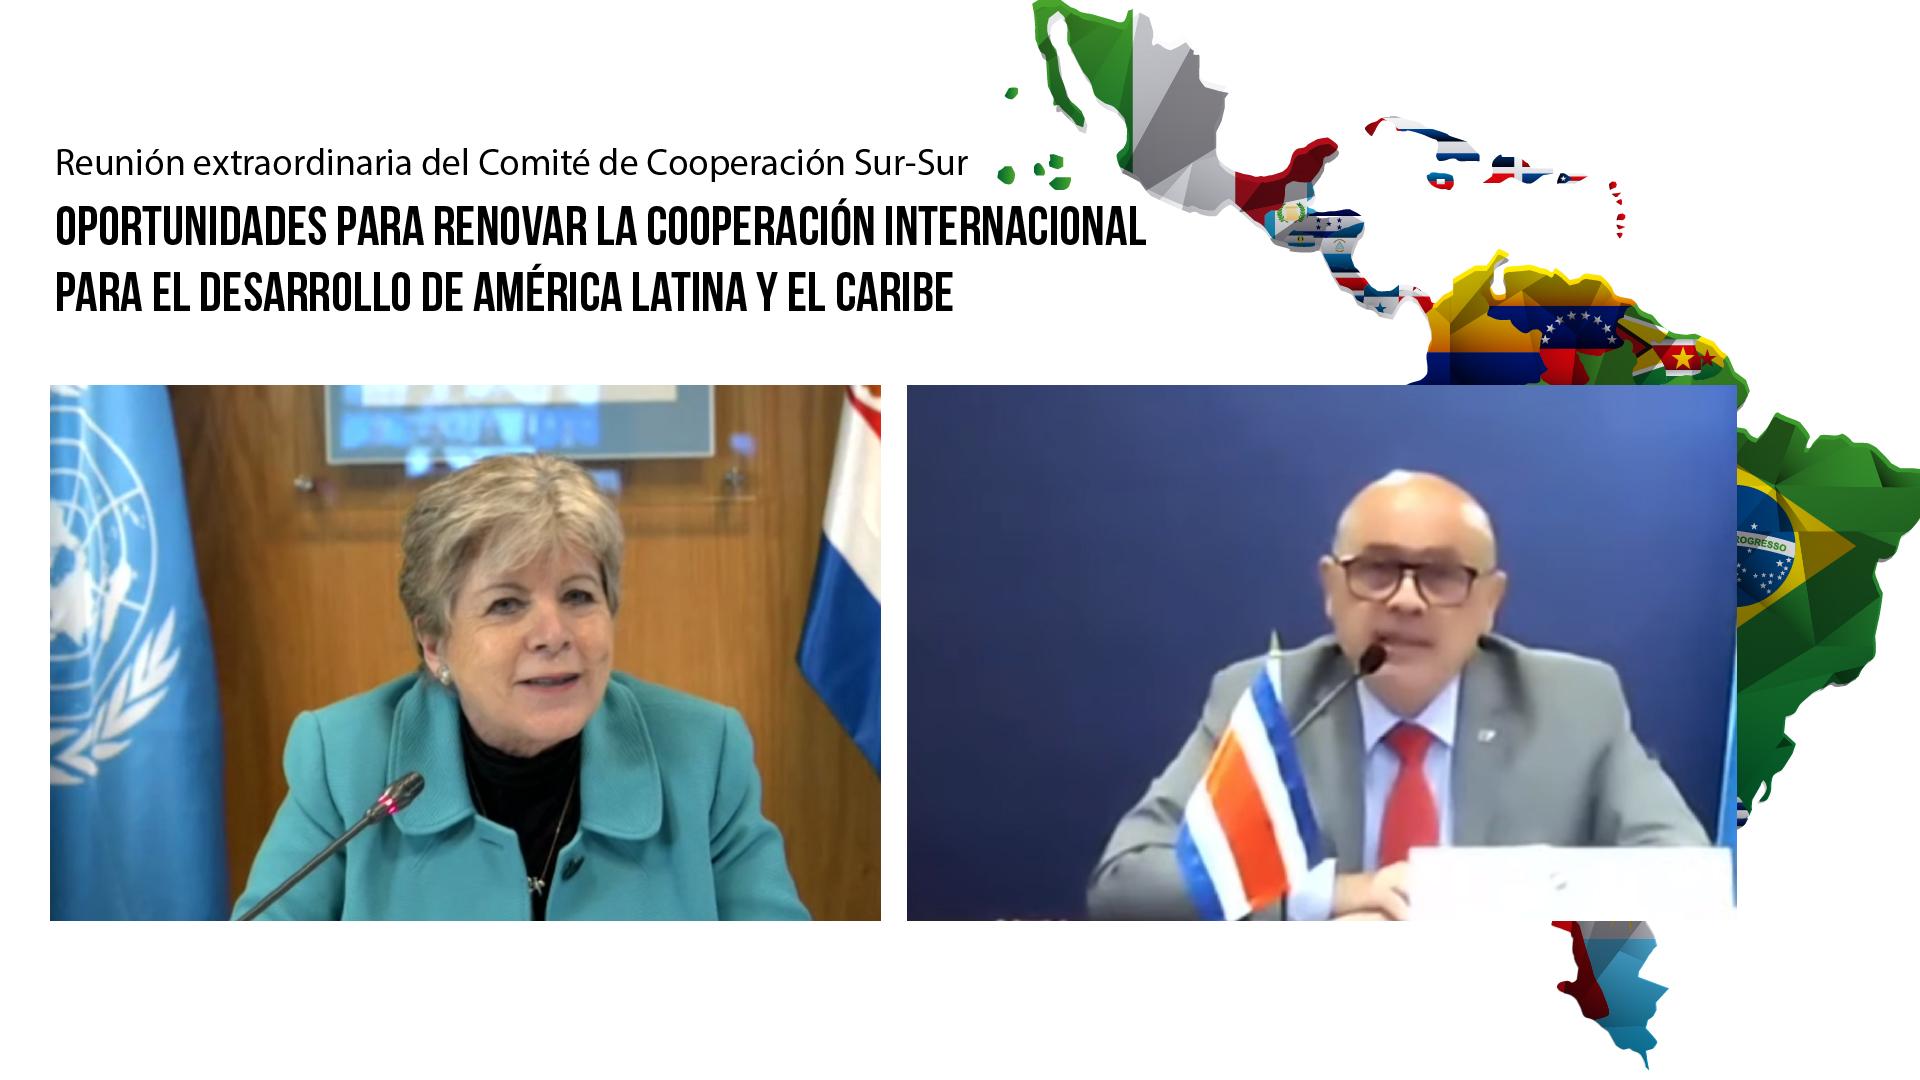 foto de Alicia Bárcena, Secretaria Ejecutiva de la CEPAL, y Rodolfo Solano Quirós, Ministro de Relaciones Exteriores y Culto de Costa Rica.